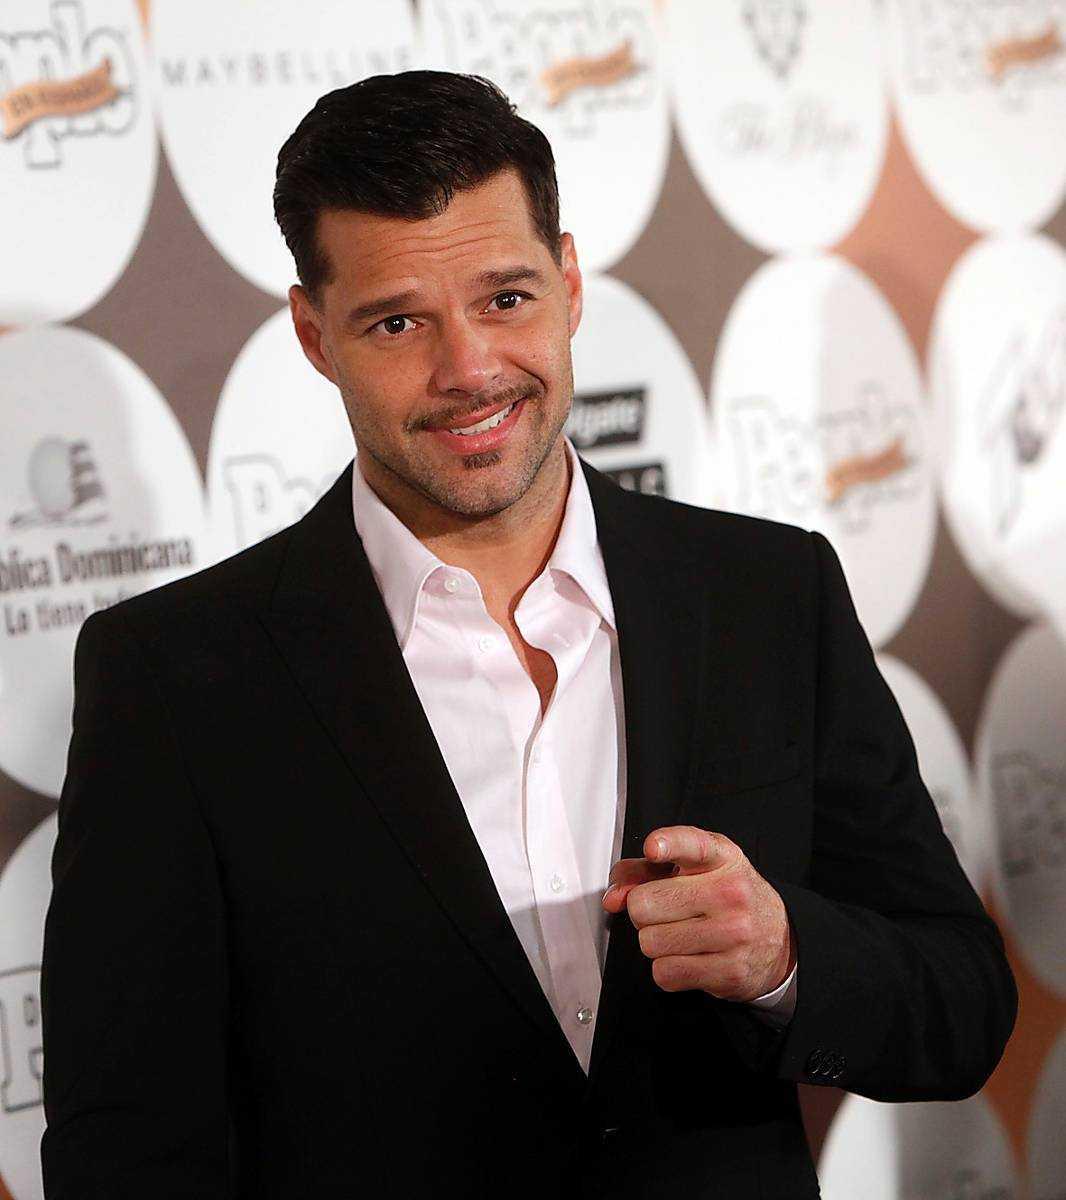 Ricky Martin och Thorpe ska ha skrivit kontrakt med en icke namngiven tidskrift om att avslöja att förhållandet i en omslagsintervju.